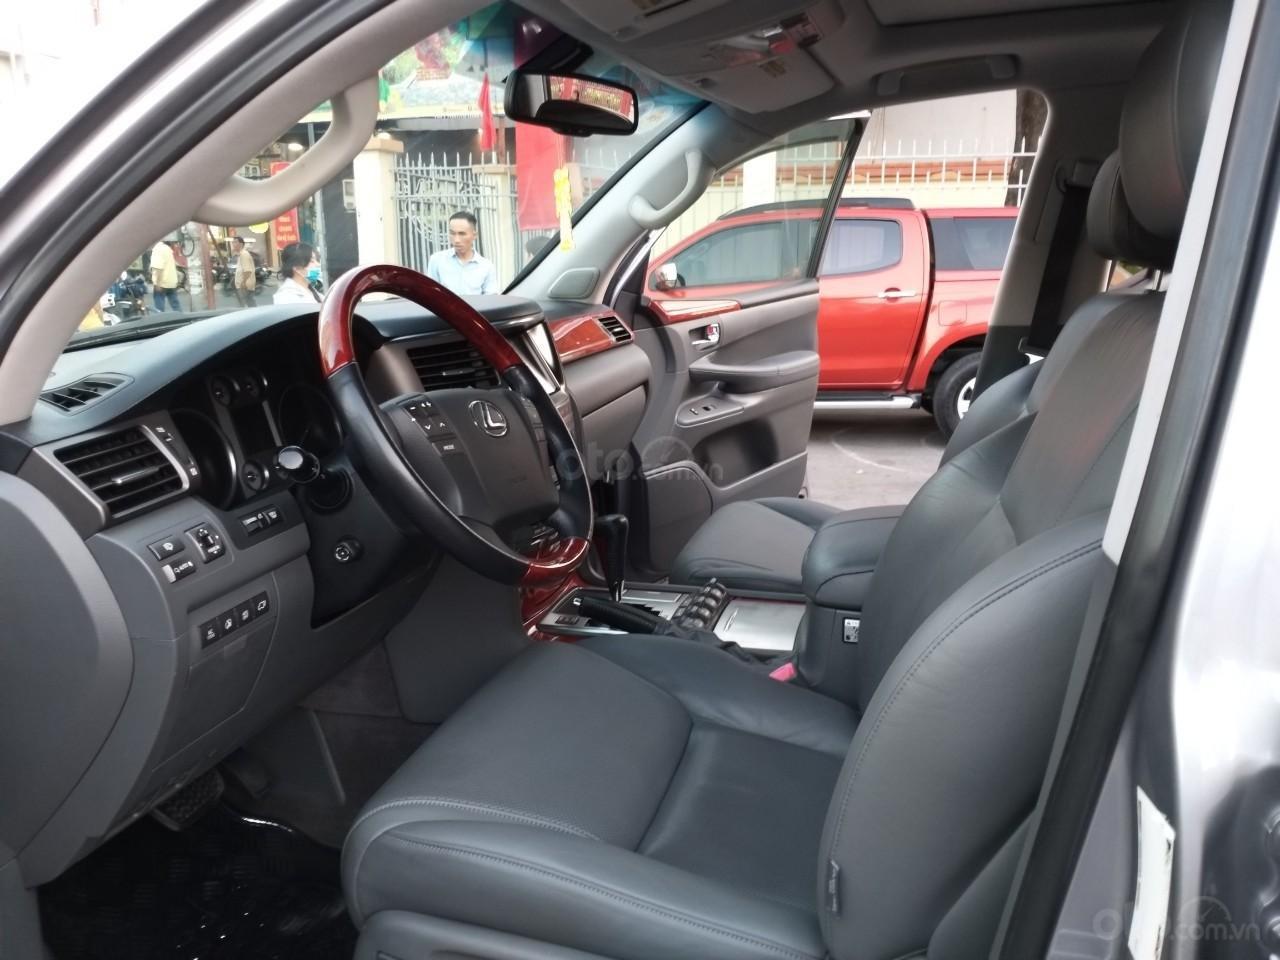 Lexus LX 570 model 2009, màu bạc, nhập khẩu, toàn bộ còn zin theo xe, cực mới, 2 tỷ 320 triệu-3